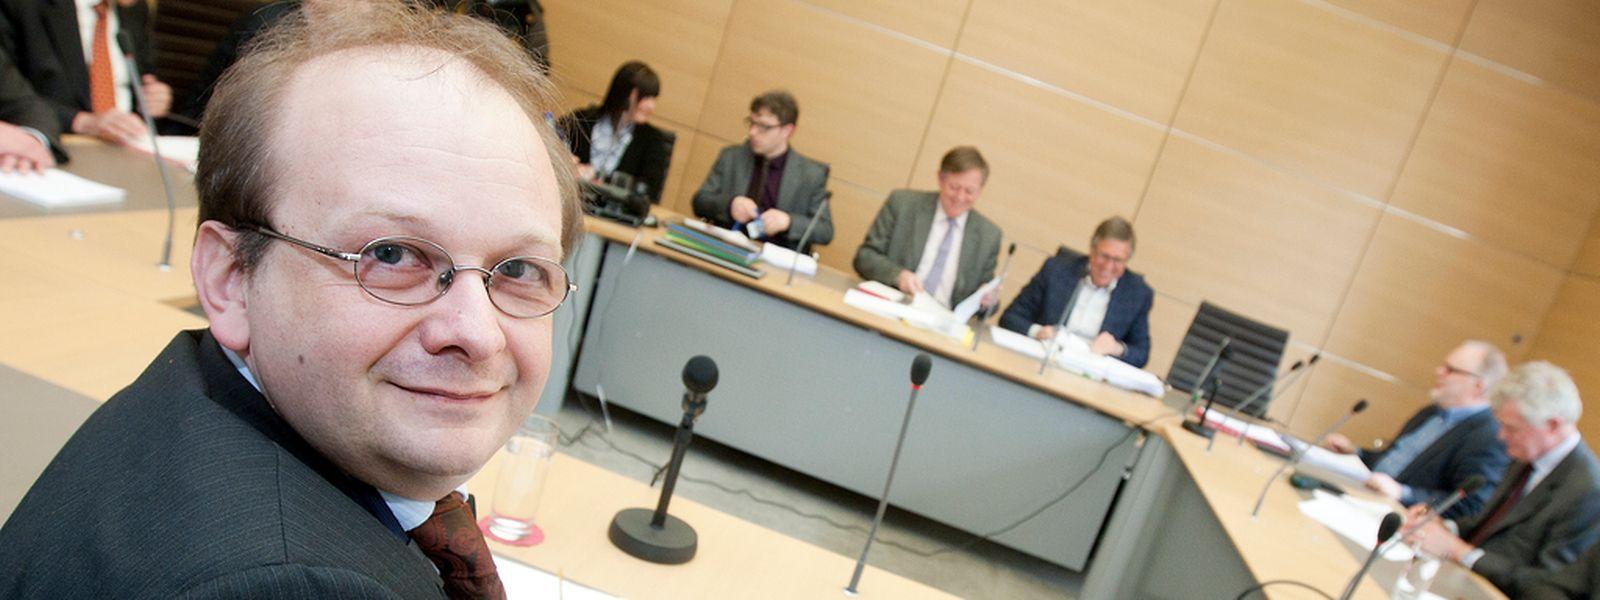 Frank Schneider im April 2013 vor dem SREL-Untersuchungsausschuss.